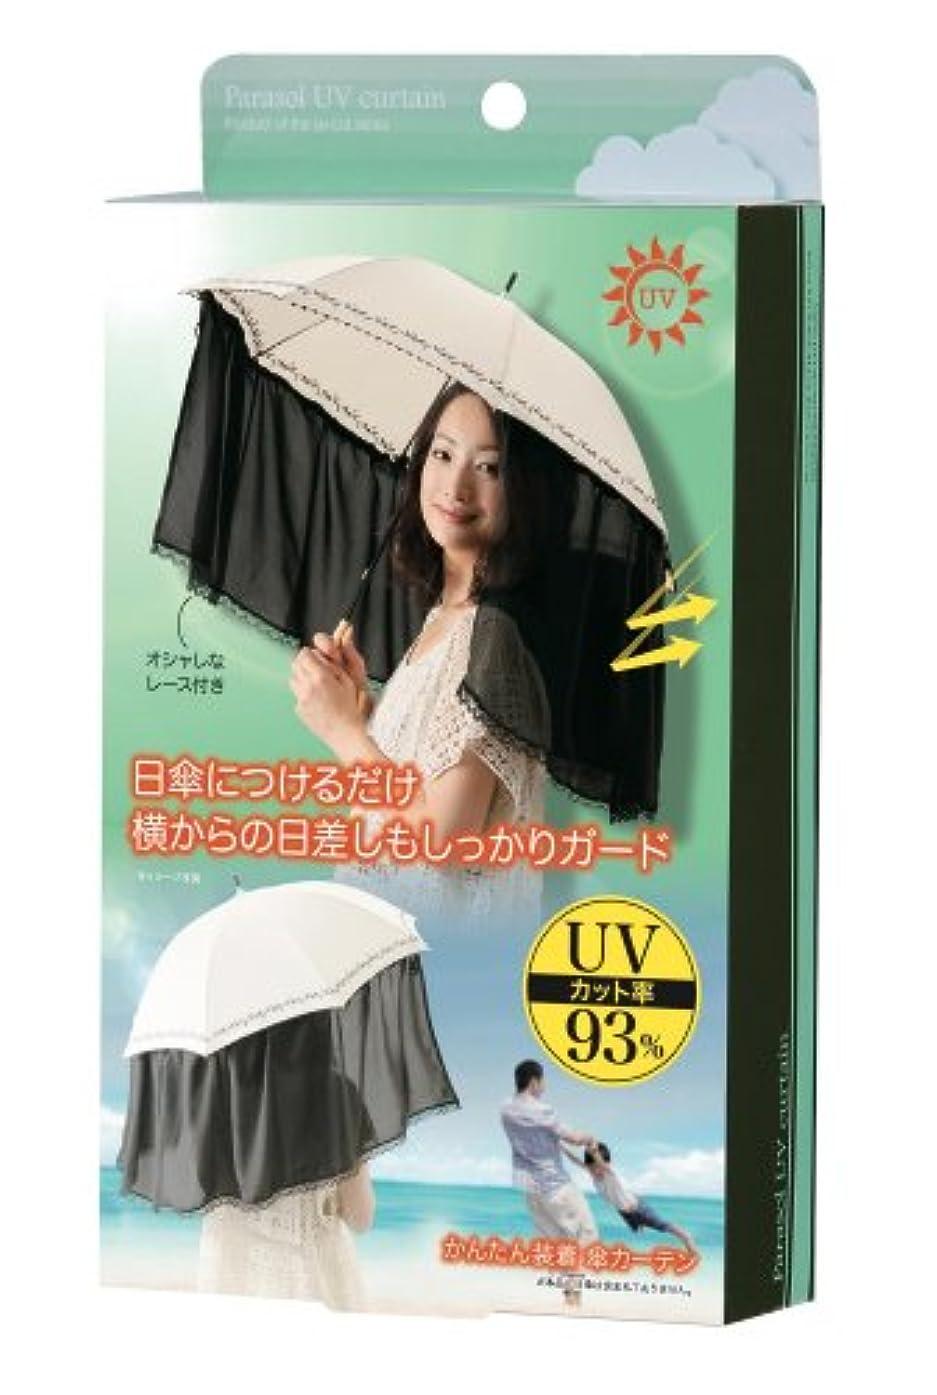 錆び乱れ薄暗いかんたん装着 傘カーテン